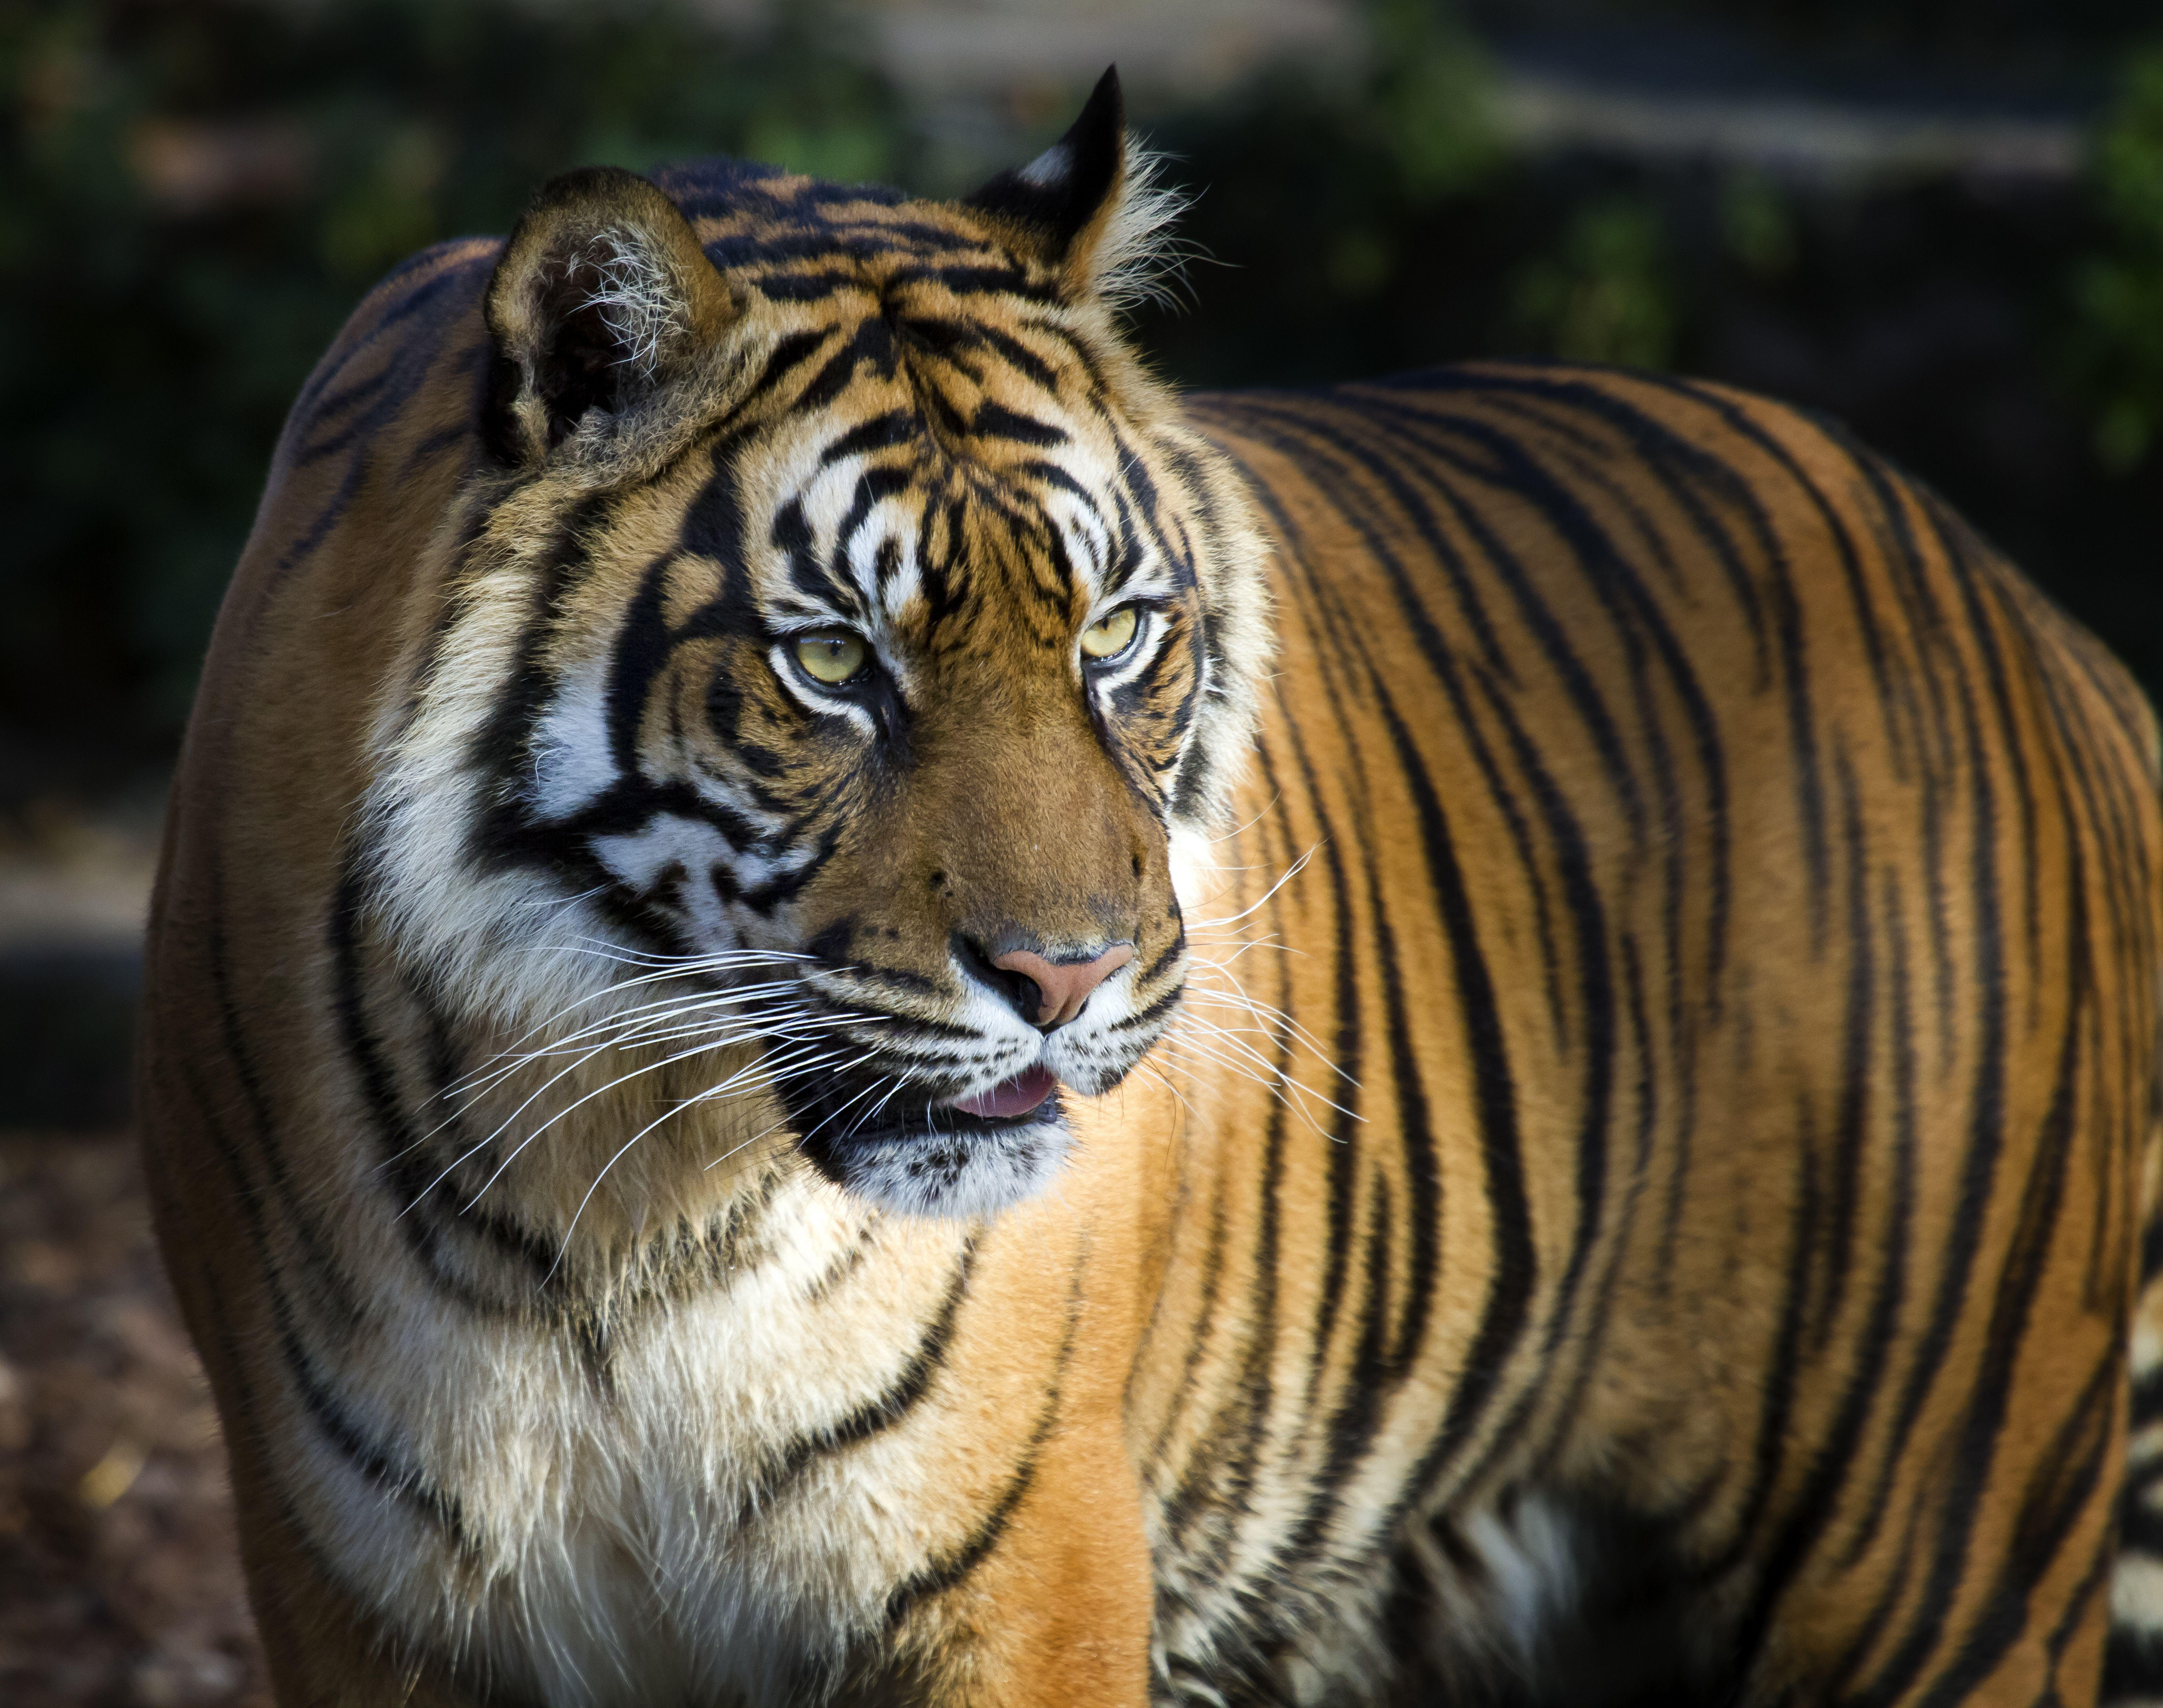 Gambar Harimau Margasatwa Hewan Darat Binatang Menyusui